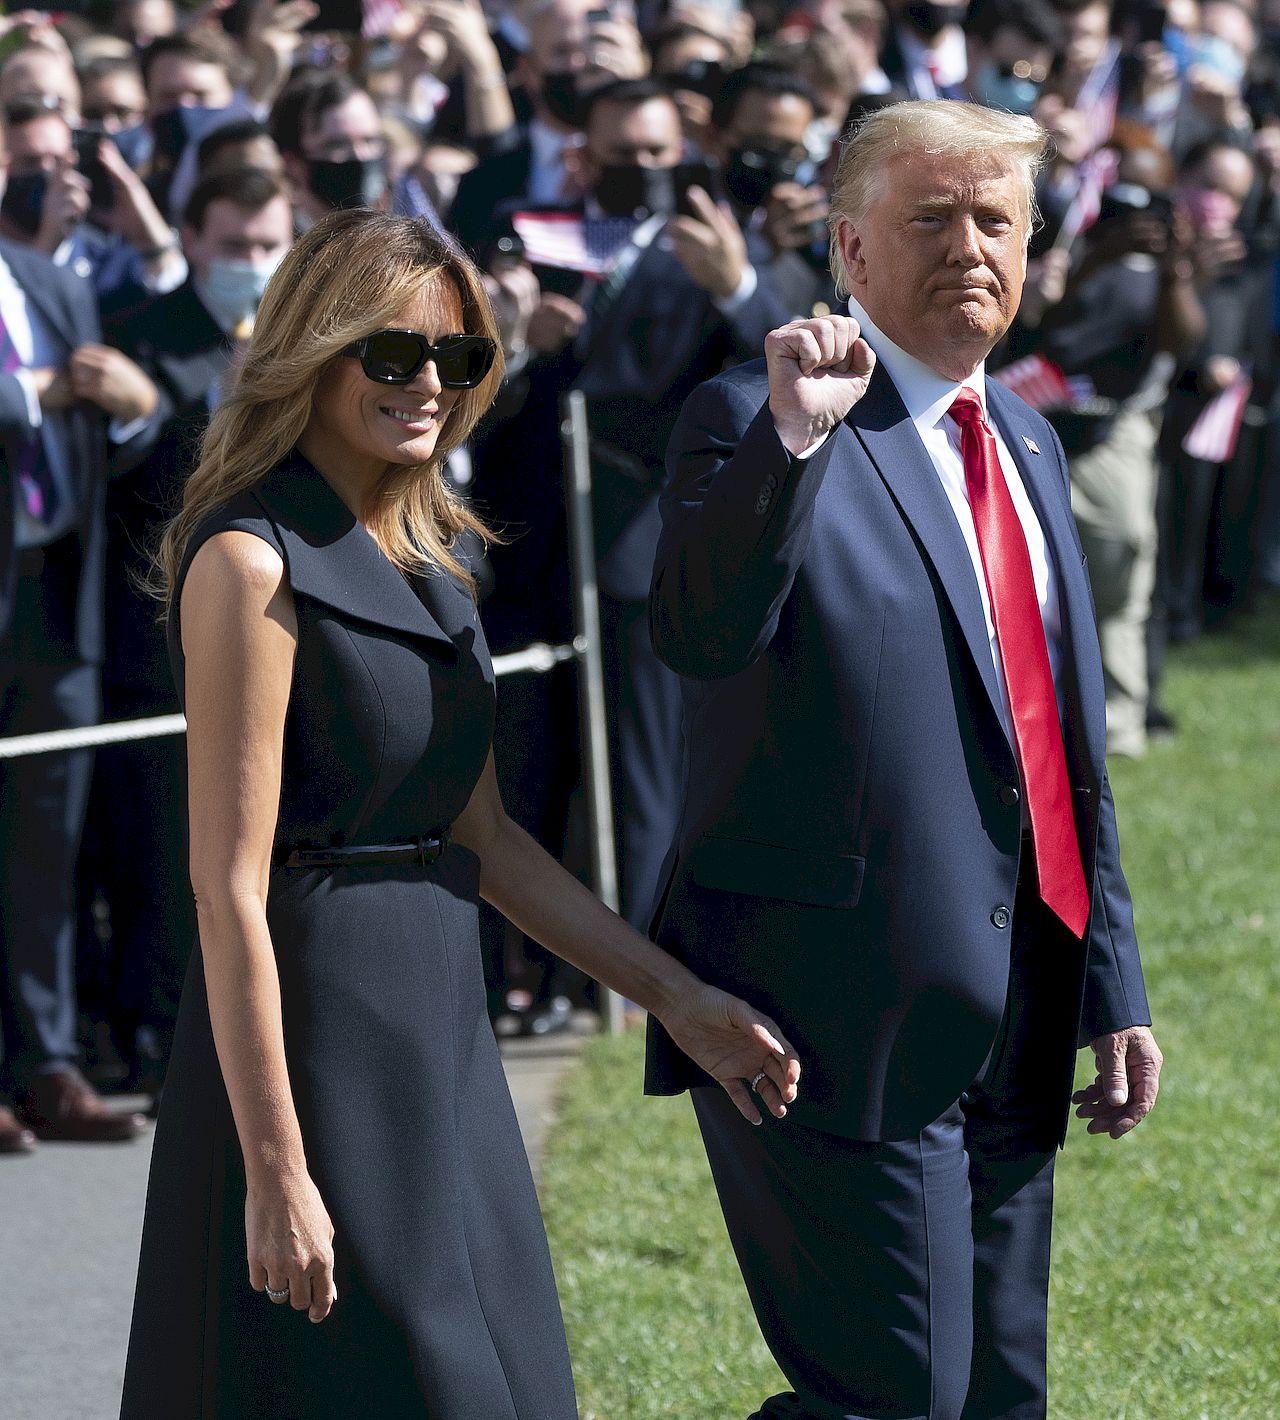 Melania Trump jest zastępowana przez sobowtór?